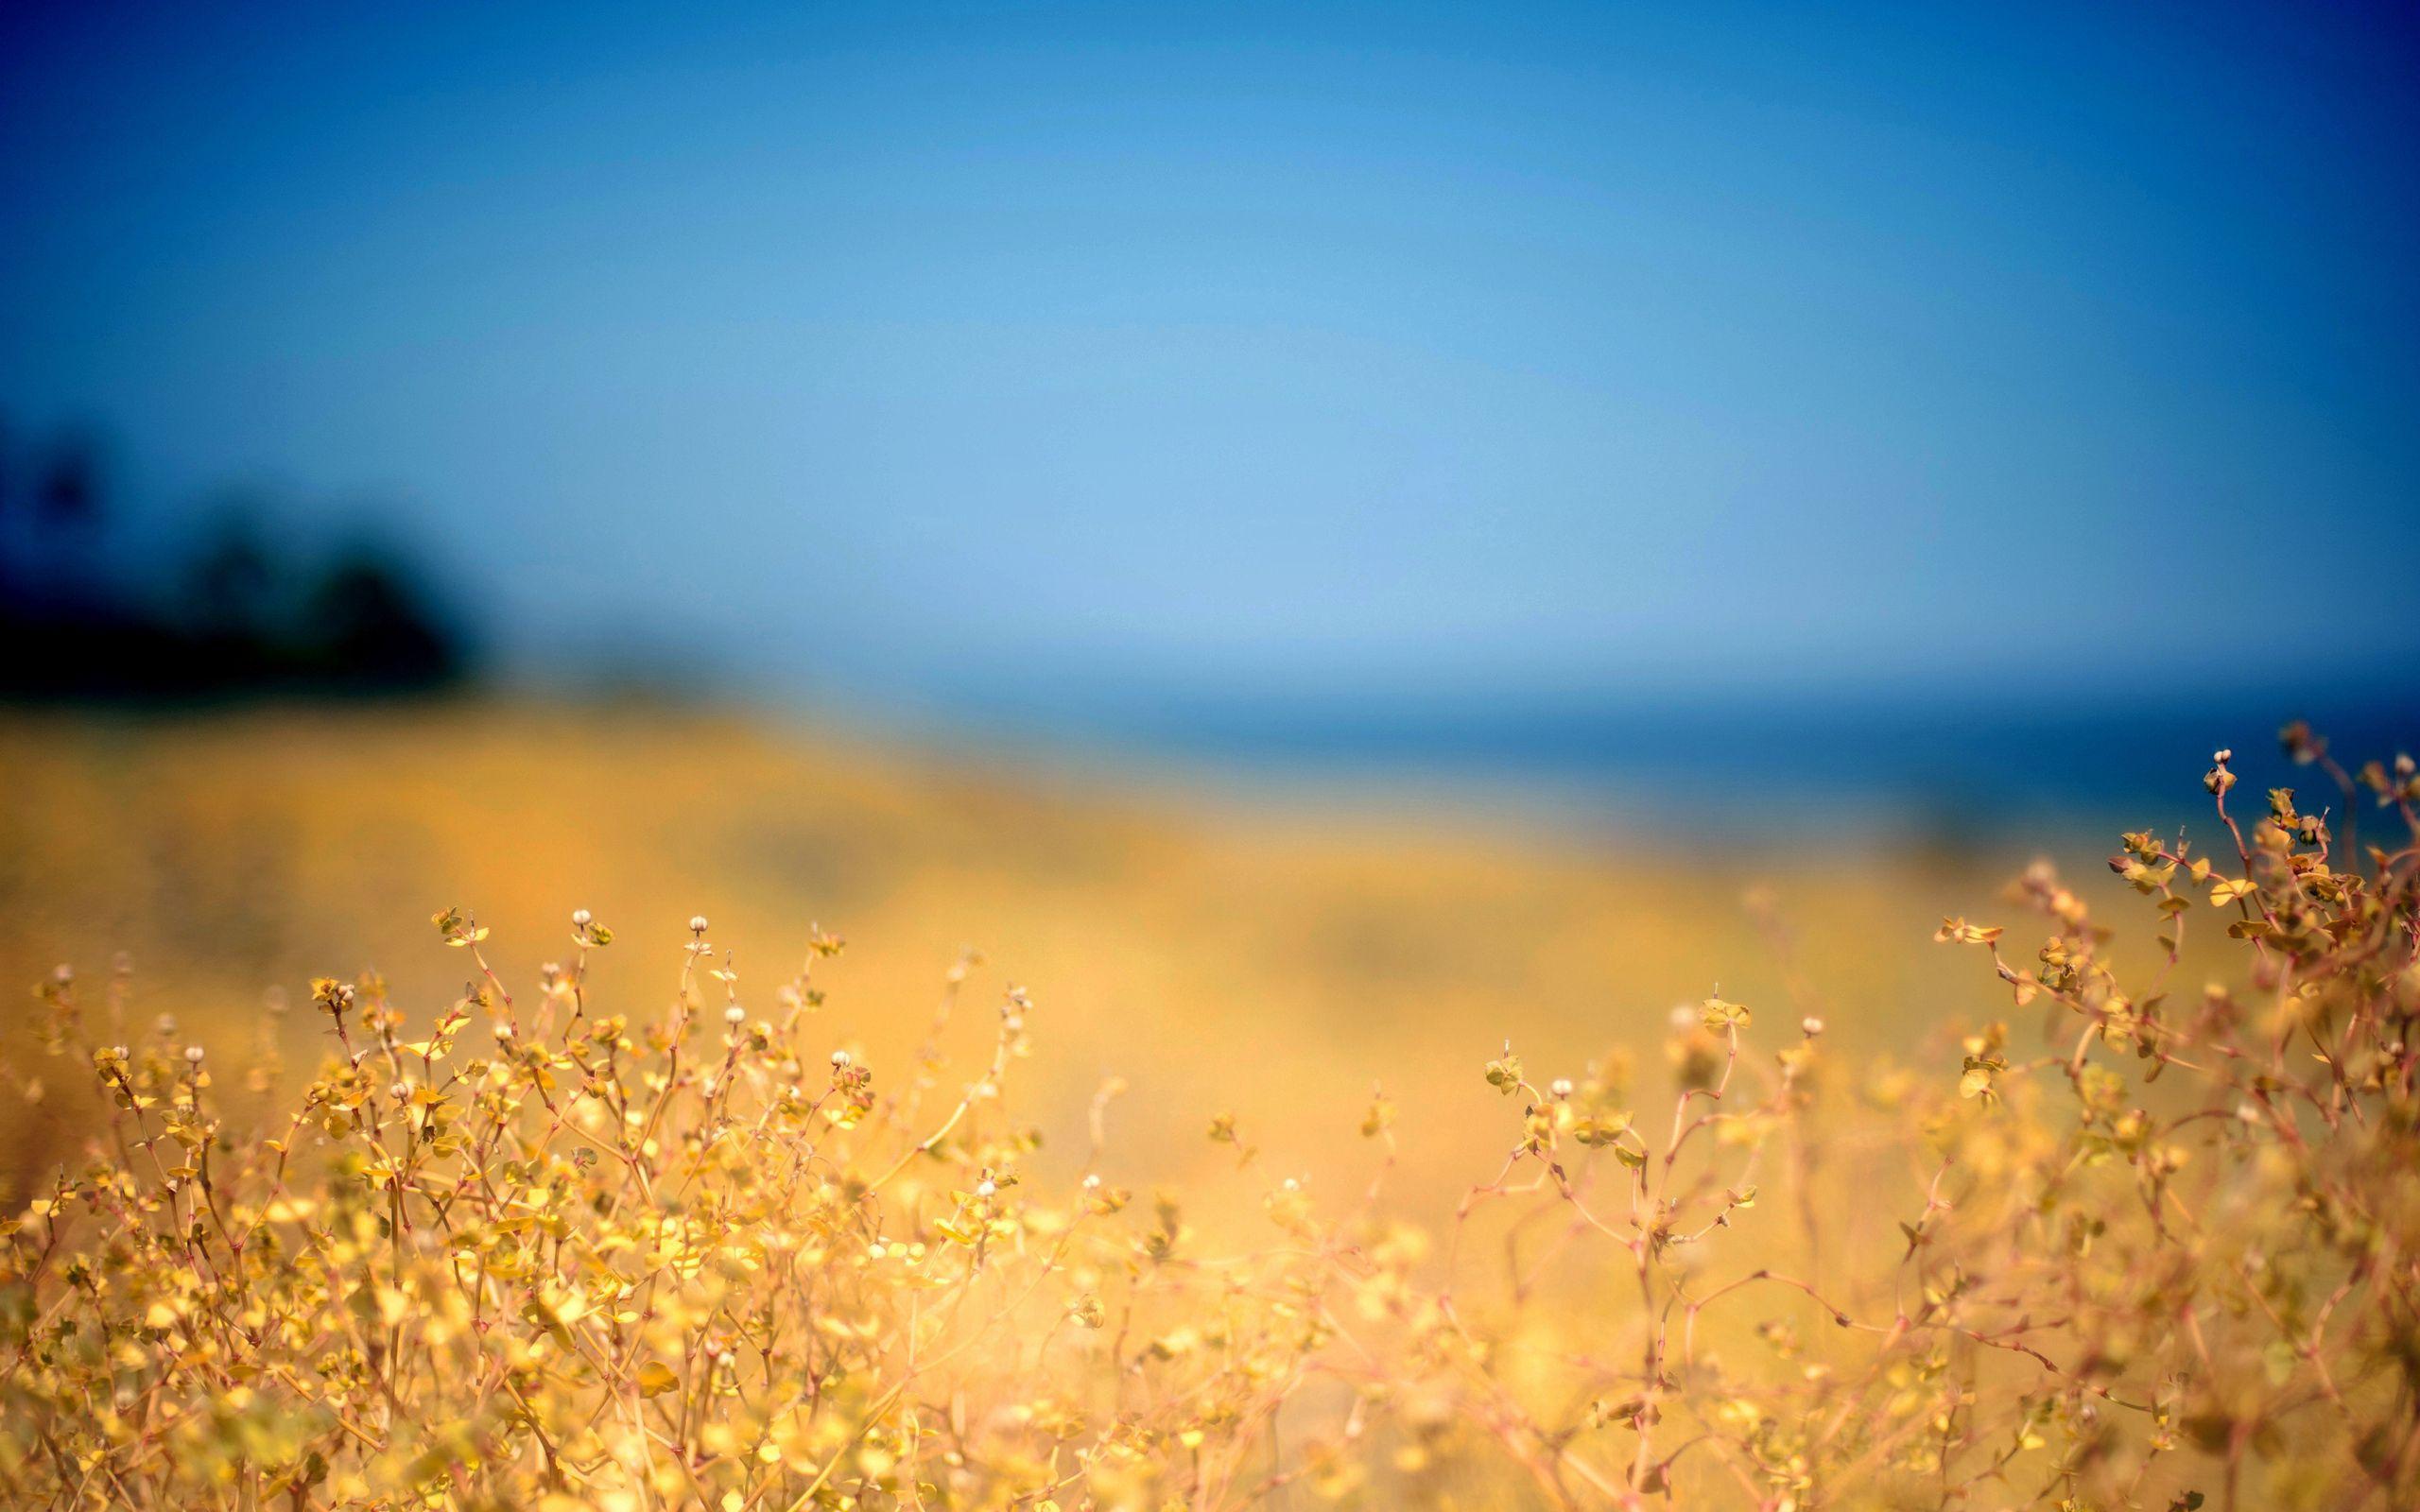 82495 Заставки и Обои Трава на телефон. Скачать Природа, Трава, Желтая, Передний План, Осень, Небо, Голубое, Берег, Полдень картинки бесплатно